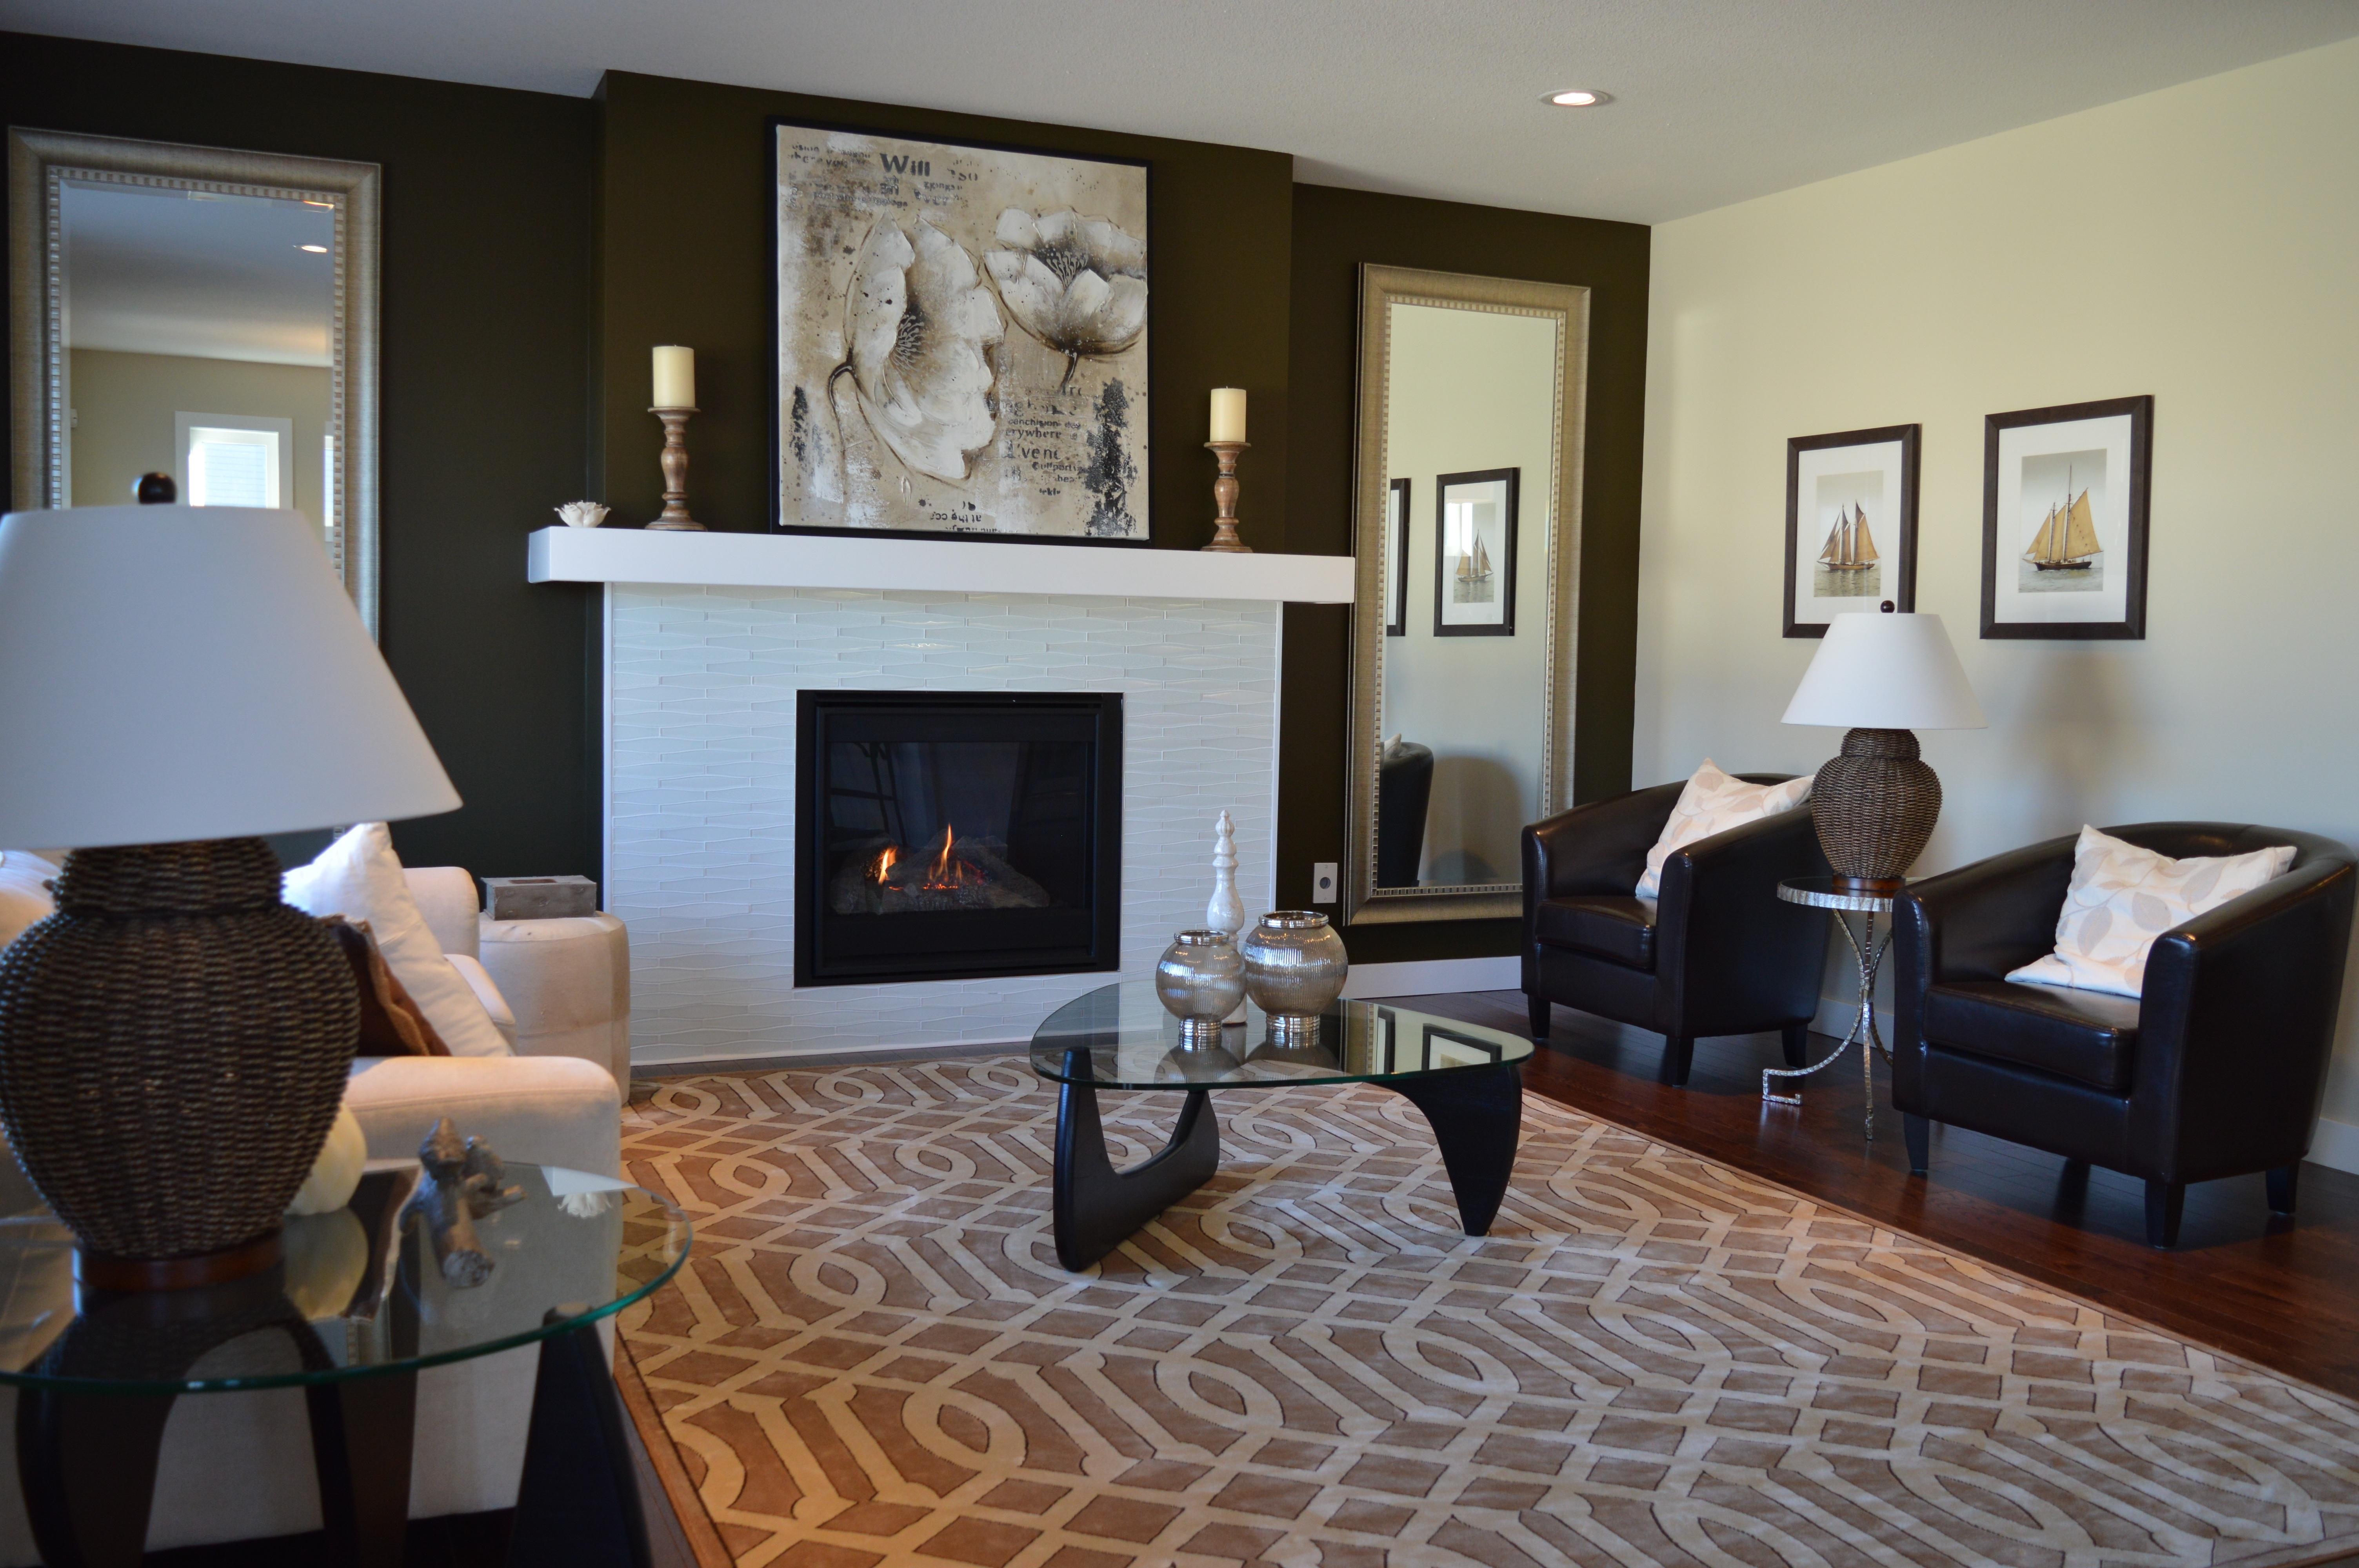 Immagini belle tavolo casa pavimento interno cottage for Arredamento gratis